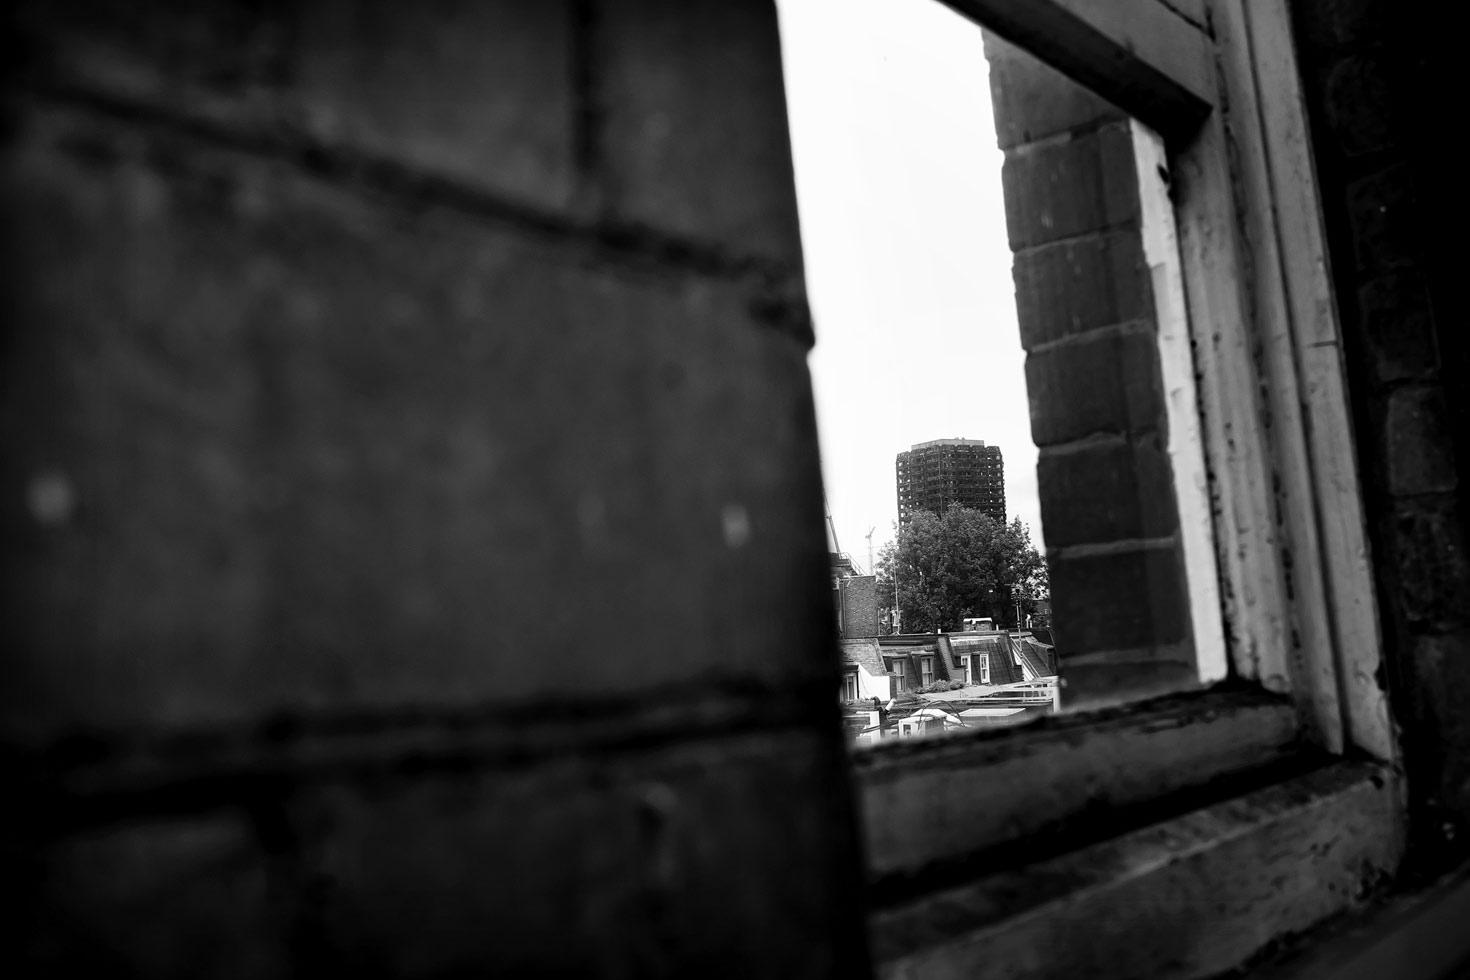 From a window in Ladbroke Grove.